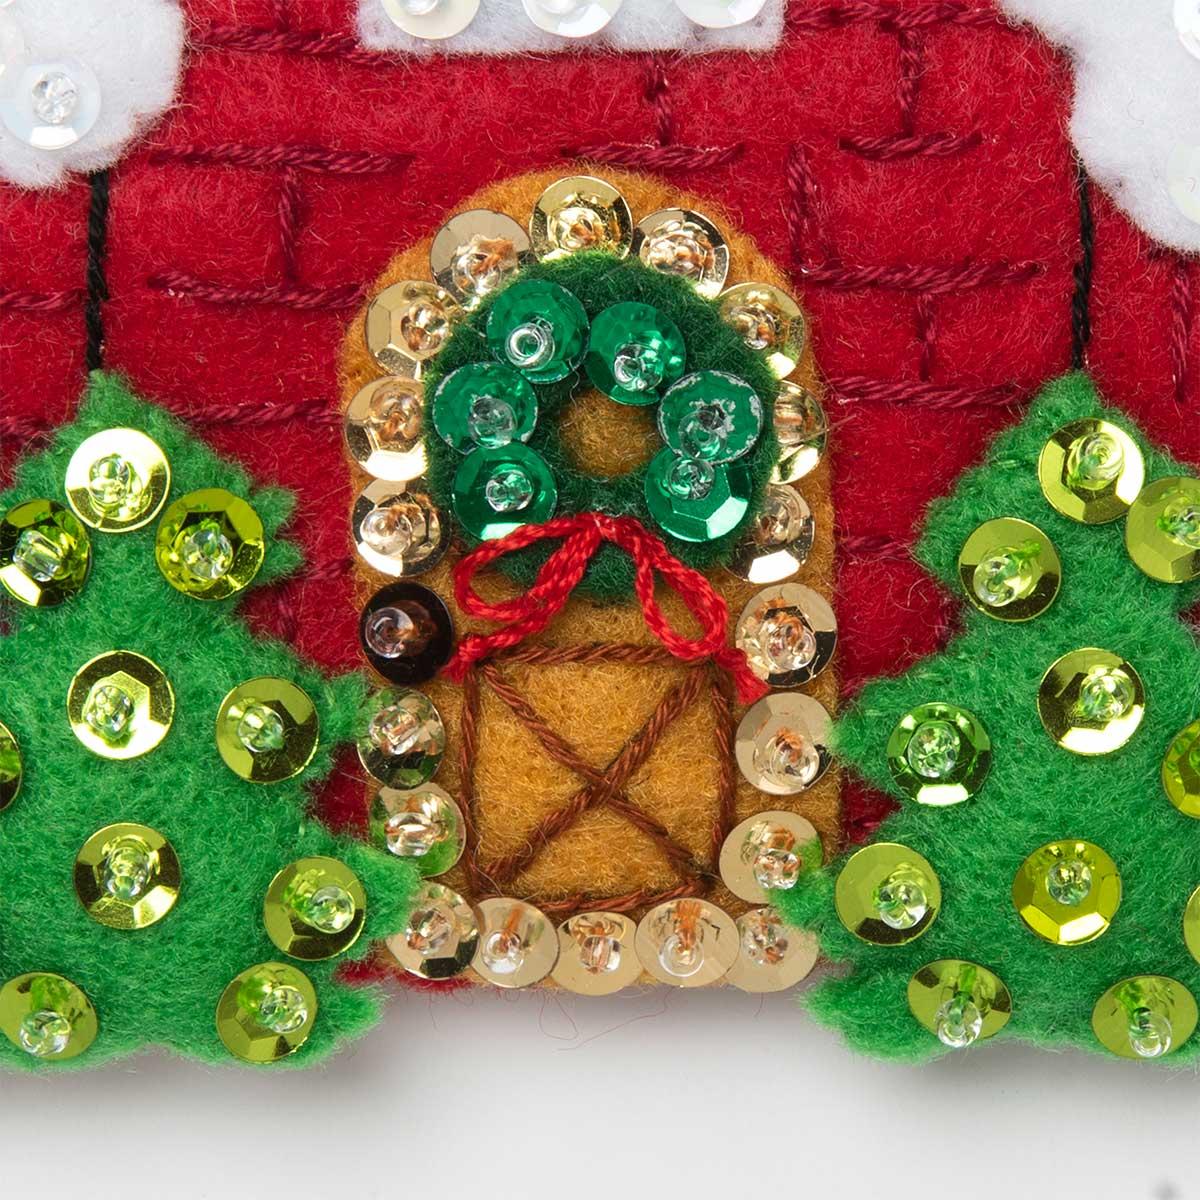 Bucilla ® Seasonal - Felt - Ornament Kits - Christmas Village - 89218E